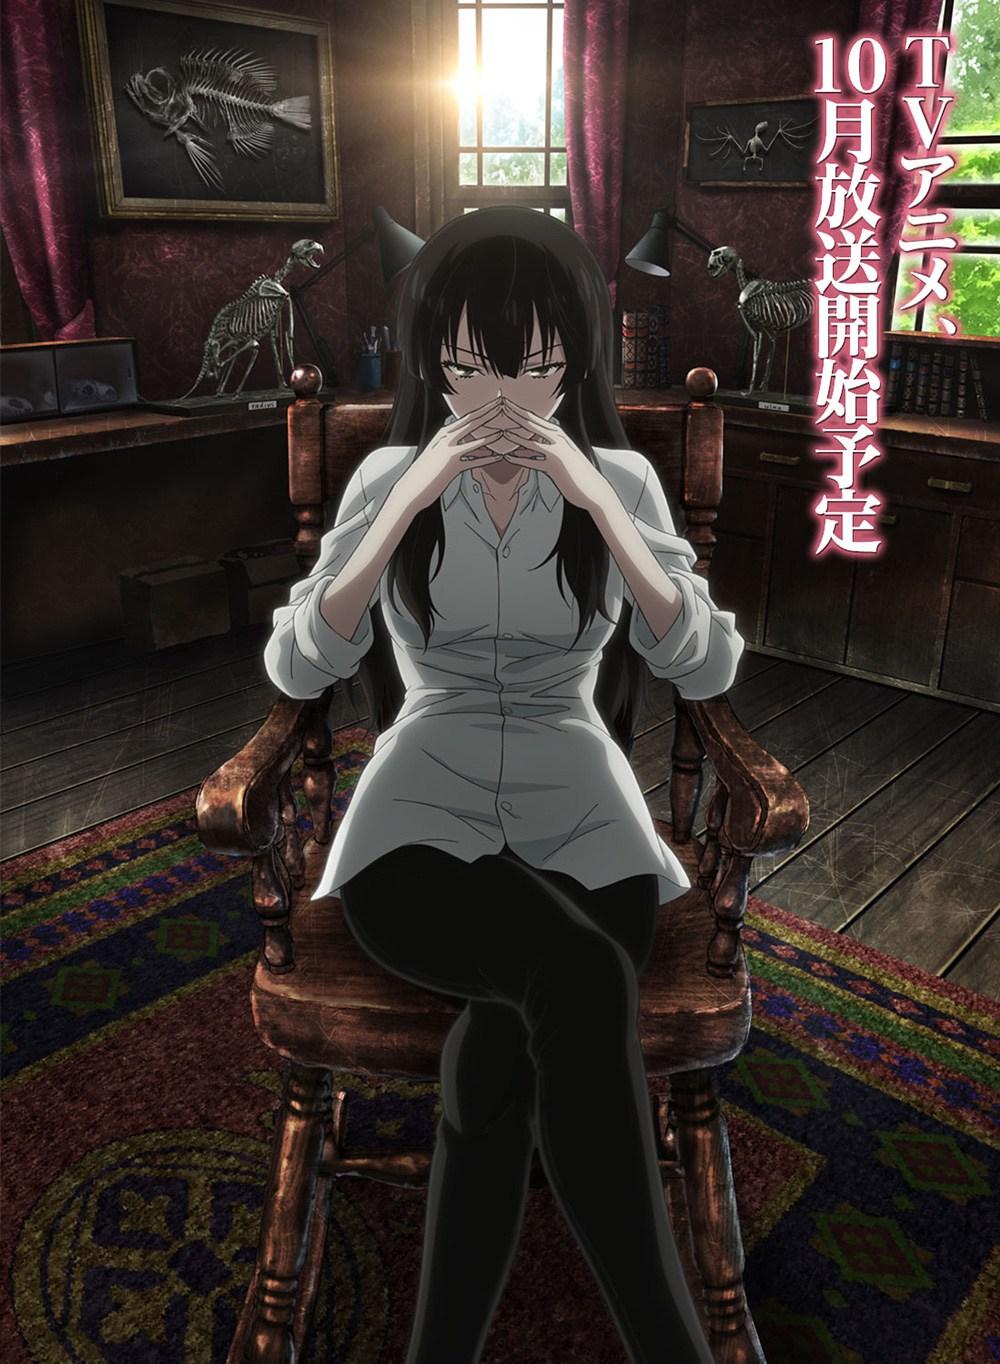 Sakurako-san-no-Ashimoto-ni-wa-Shitai-ga-Umatteiru-Anime-Visual-02